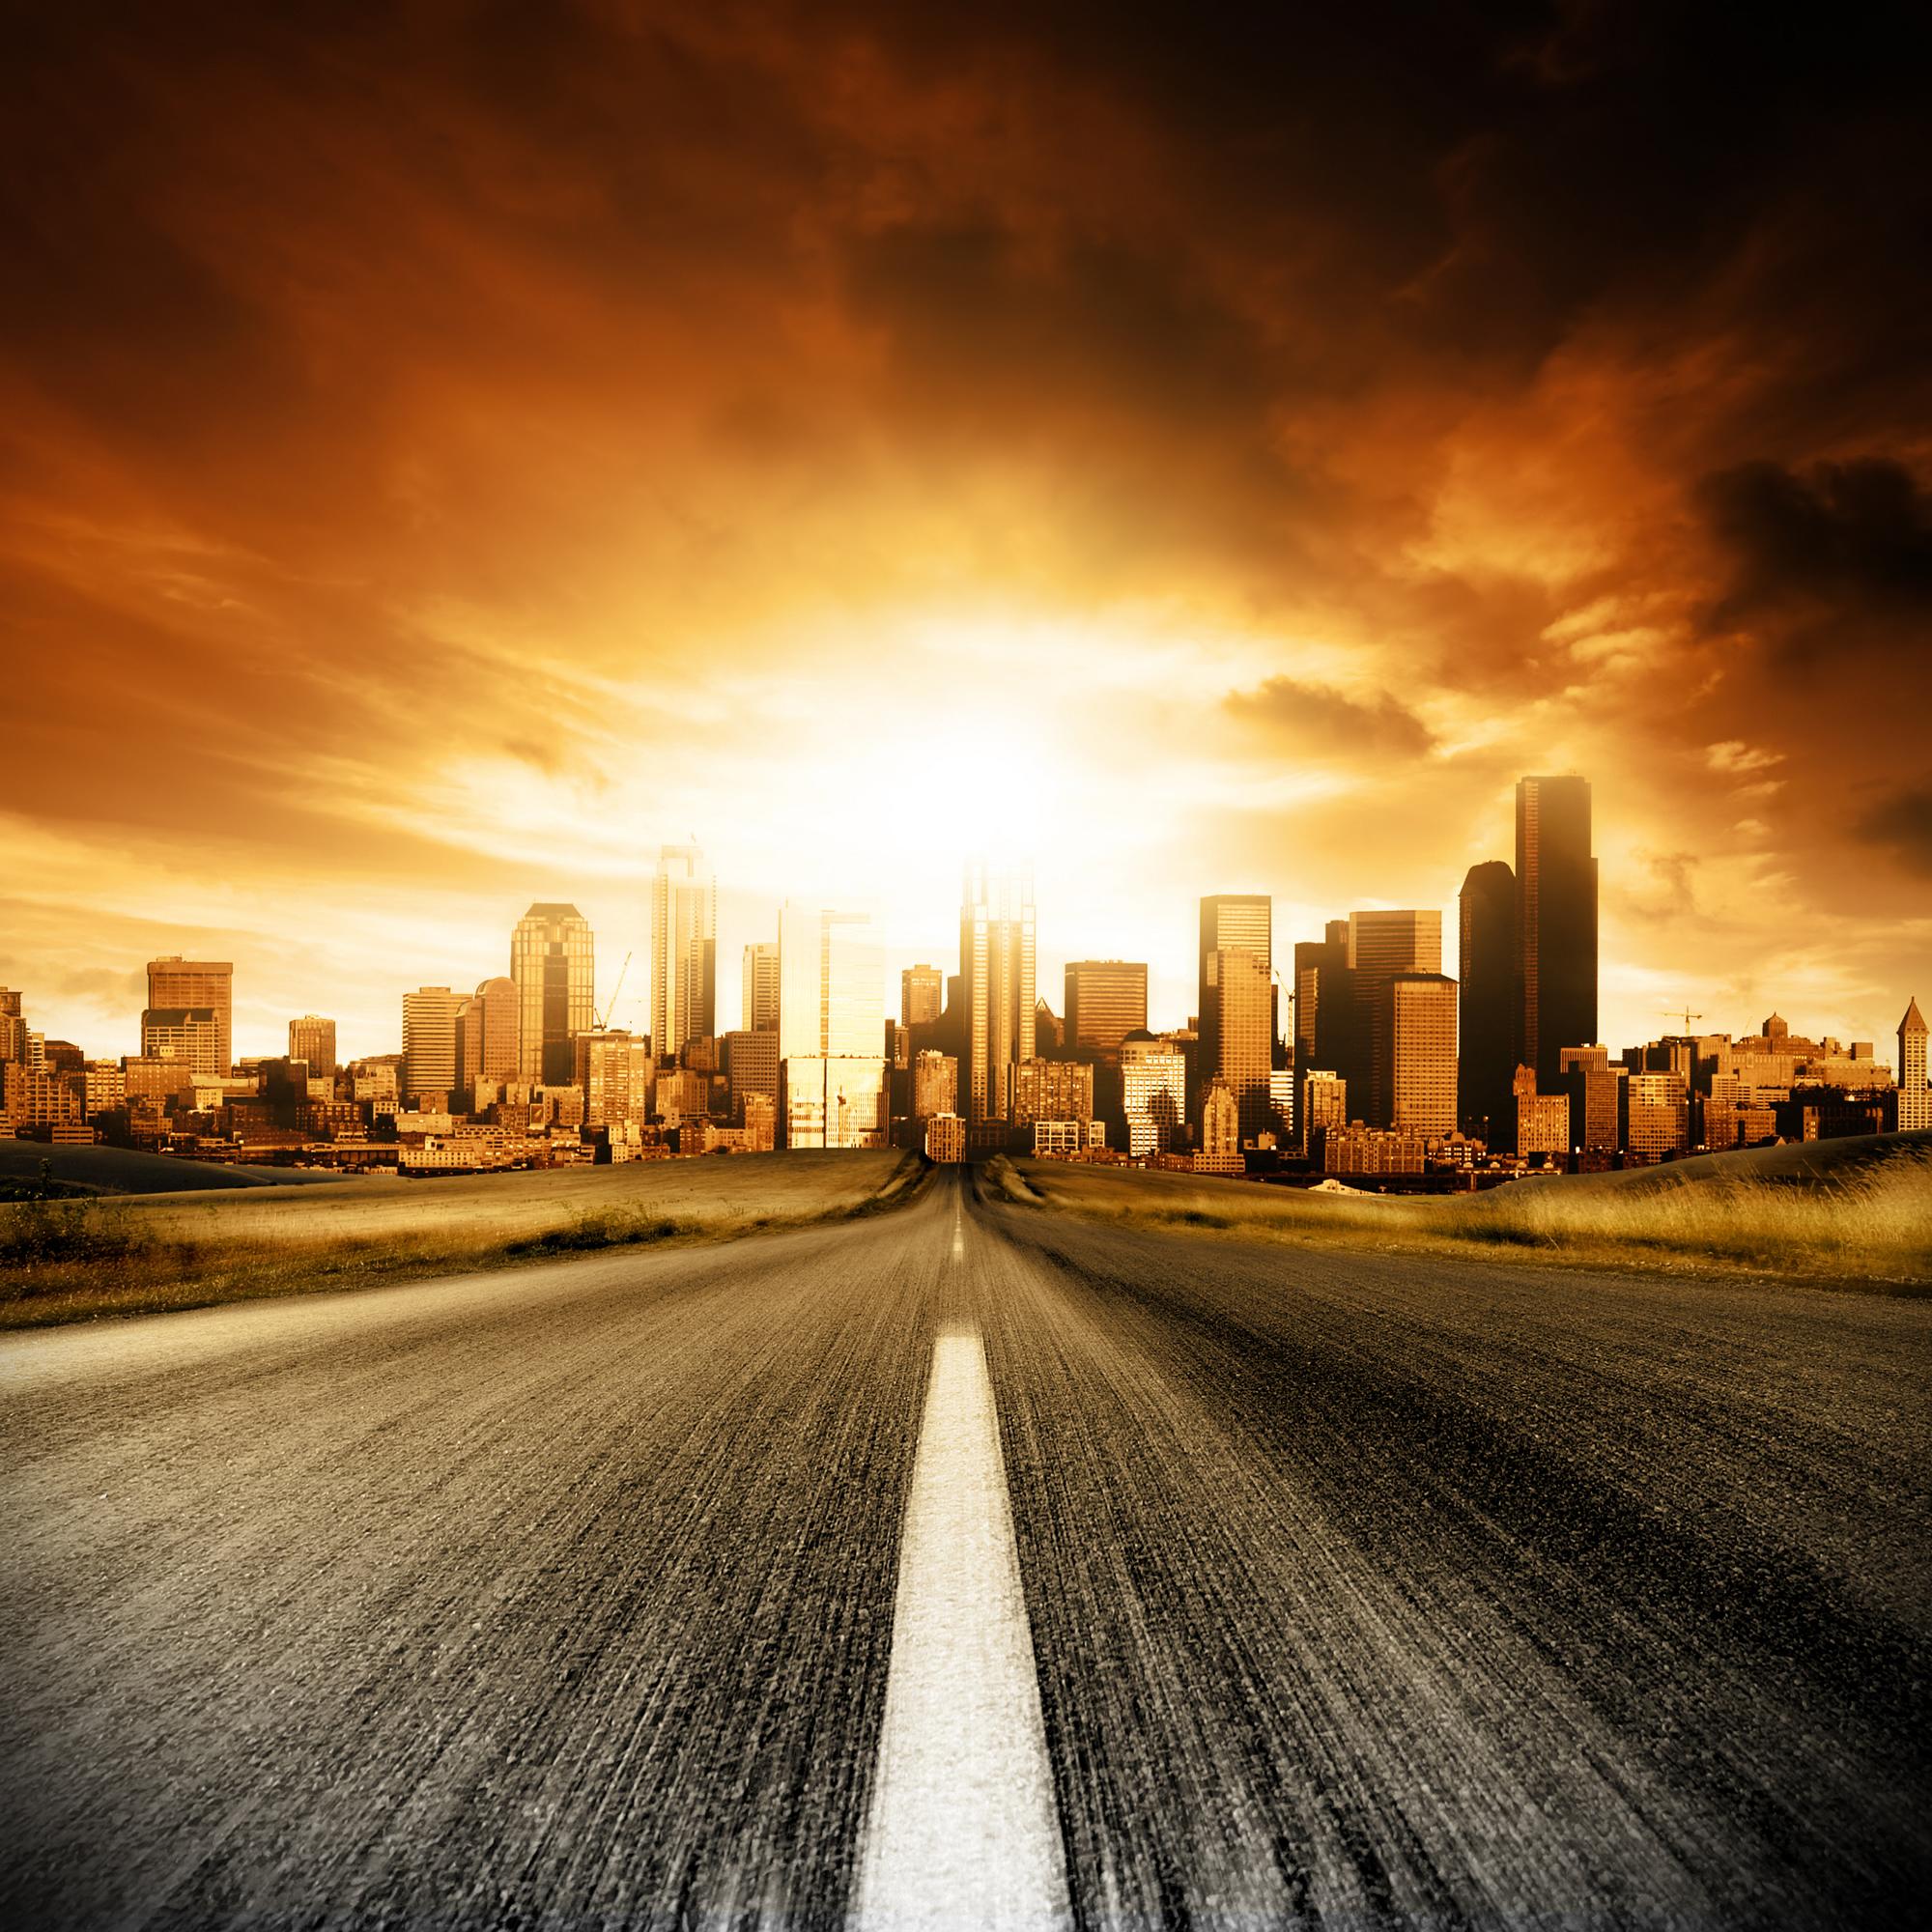 Дорога, закат, солнце, полк, шоссе, город, обои для рабочего стола